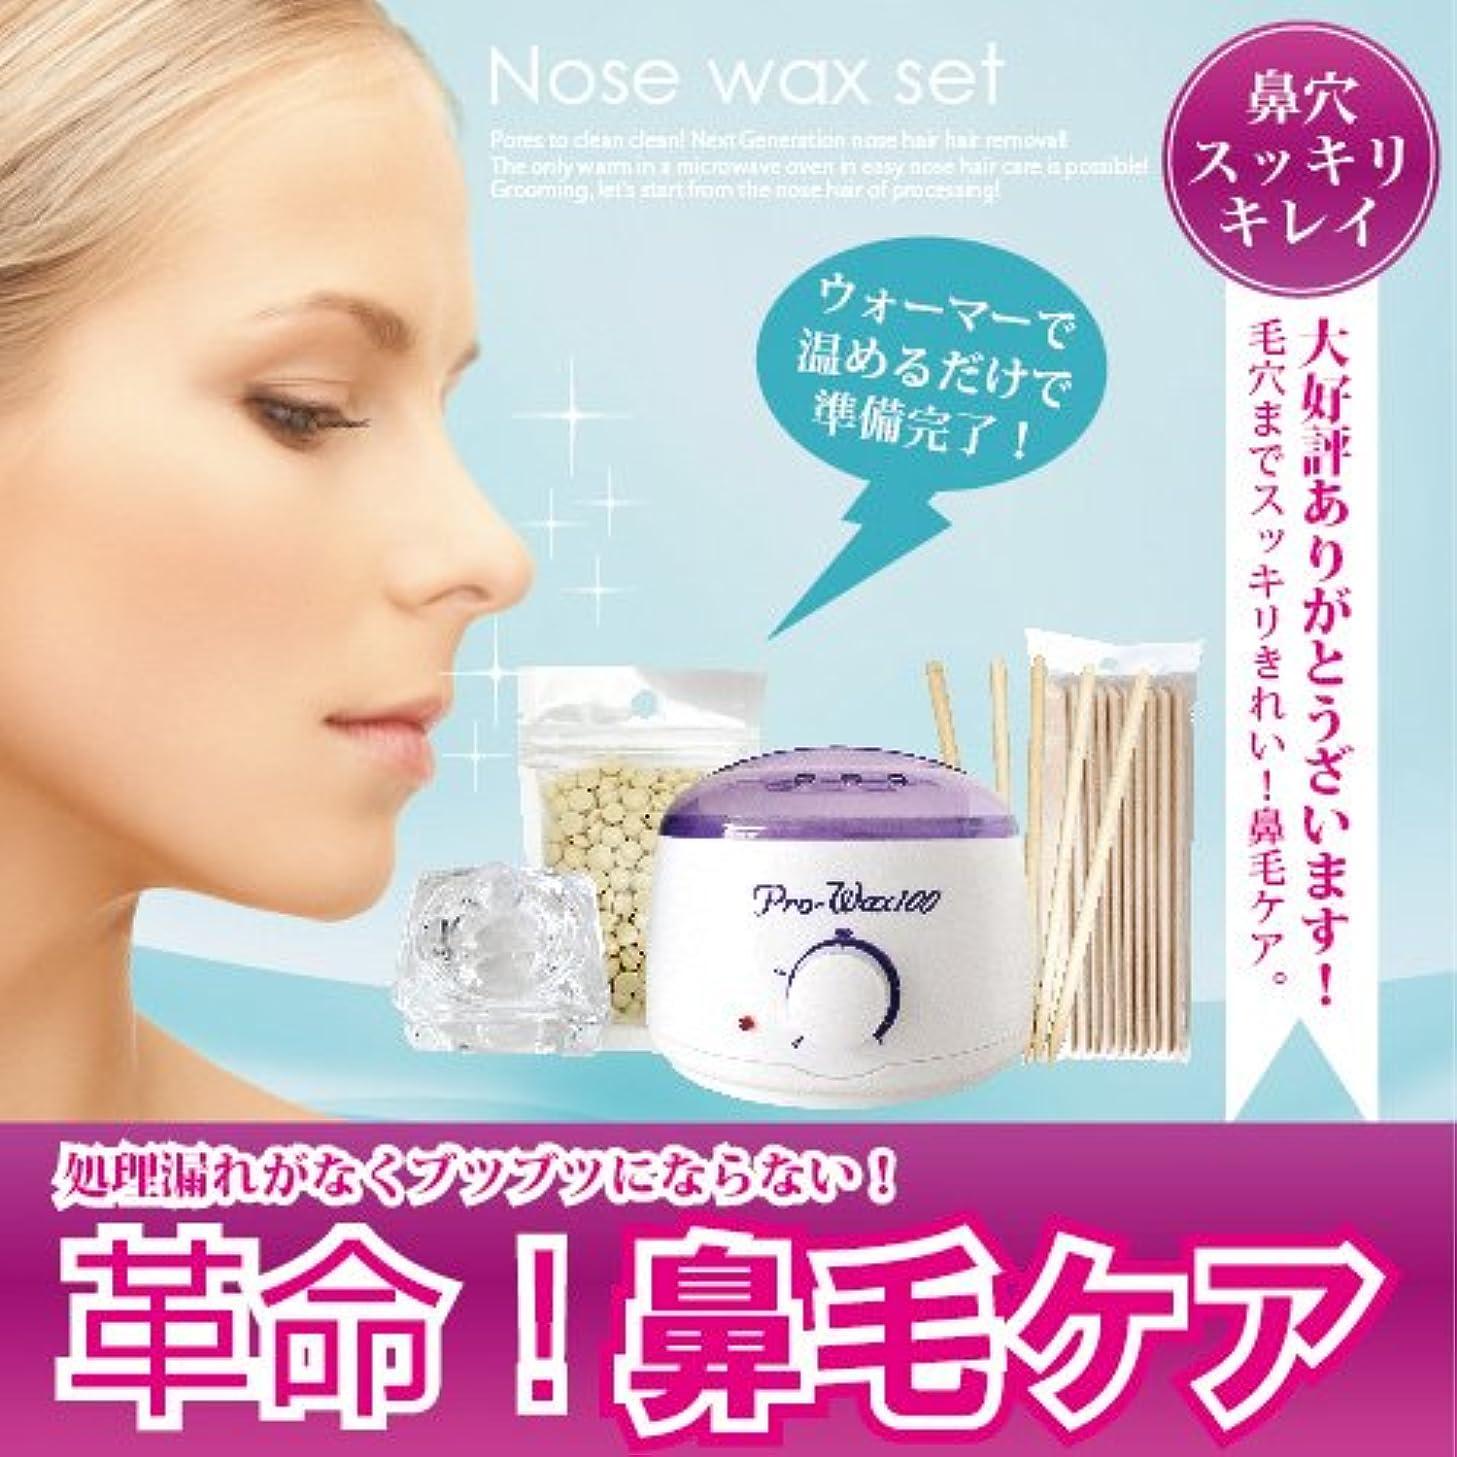 辞書シード難しいブラジリアンワックス Nose wax setウォーマー付ノーズワックス鼻毛ケアセット(約12回分)